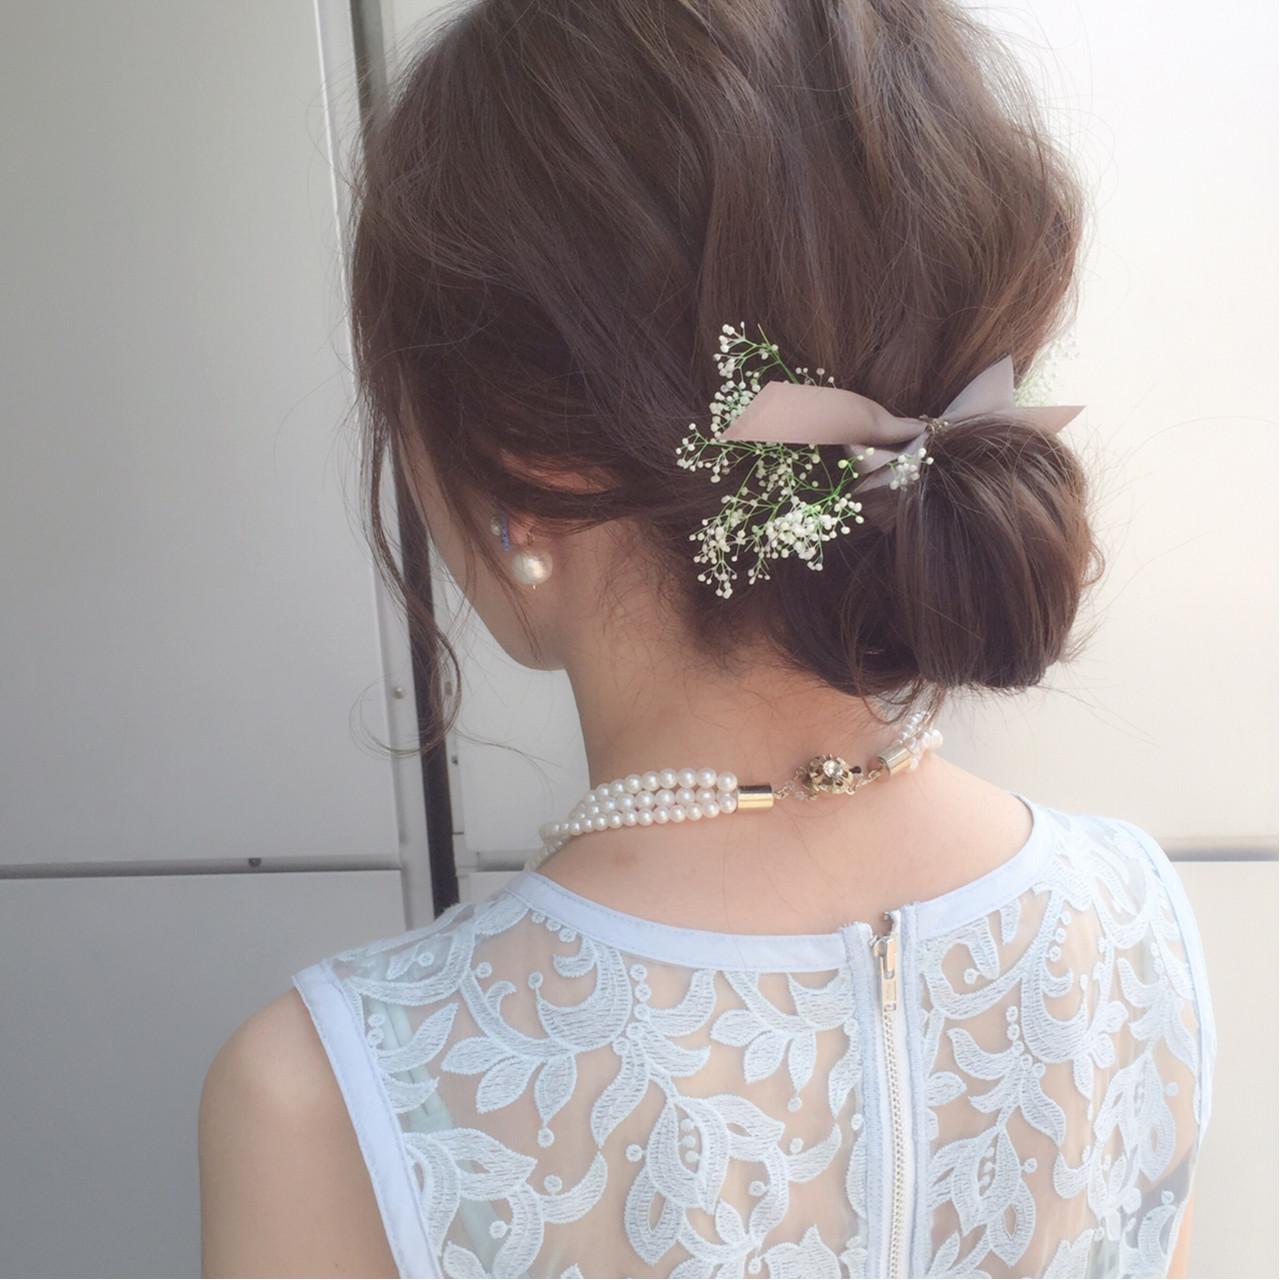 お団子 簡単ヘアアレンジ ミディアム ショート ヘアスタイルや髪型の写真・画像 | 鈴木 貴仁 / Ar and e.m.a   TAKA